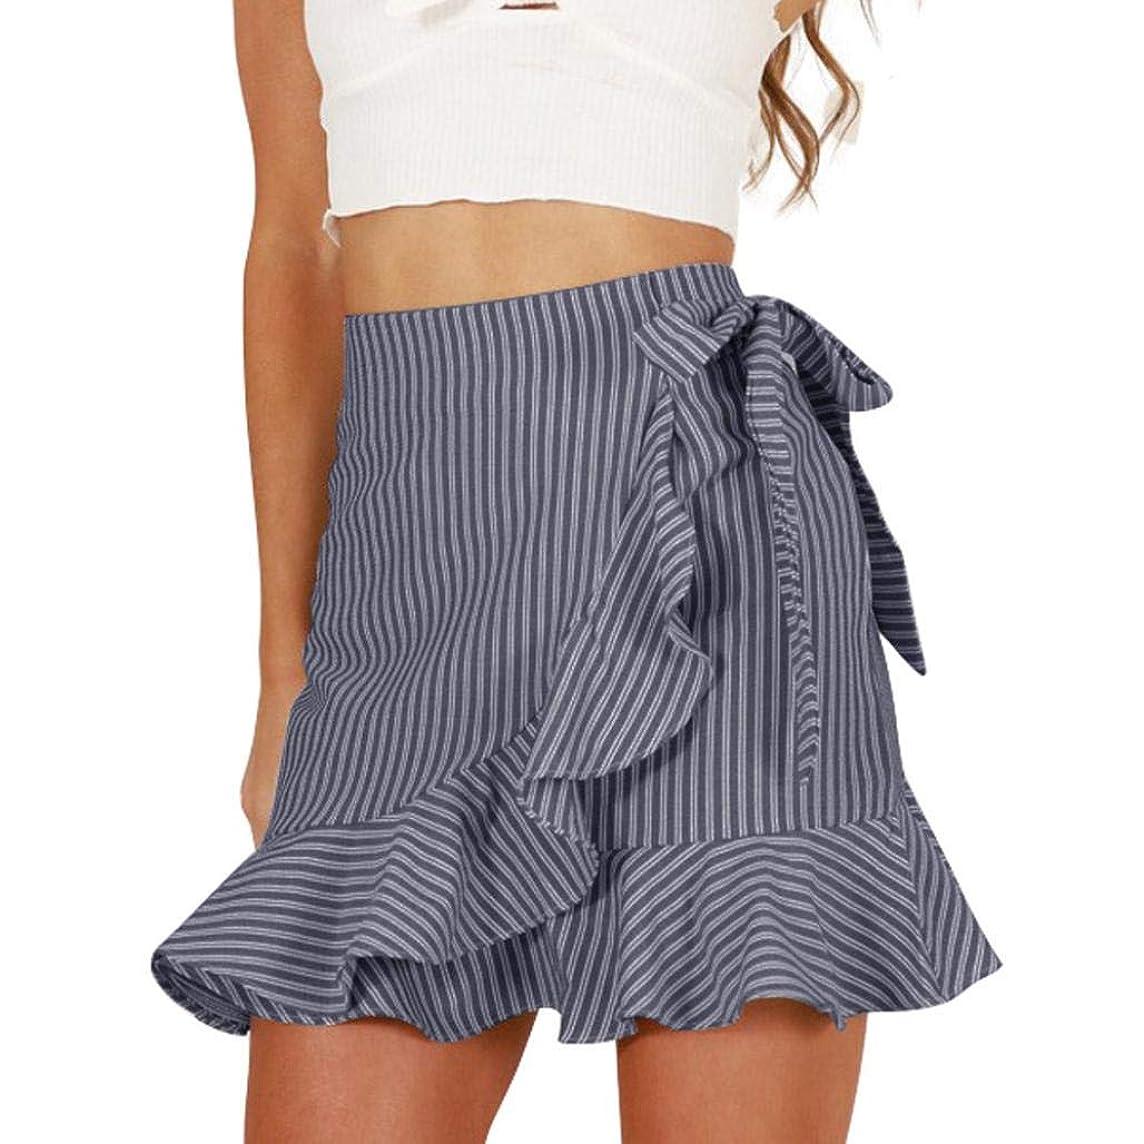 iYYVV Women Stripe Ruffle Lace Up Fashion Girls Sexy Layering Mini High Waist Skirt